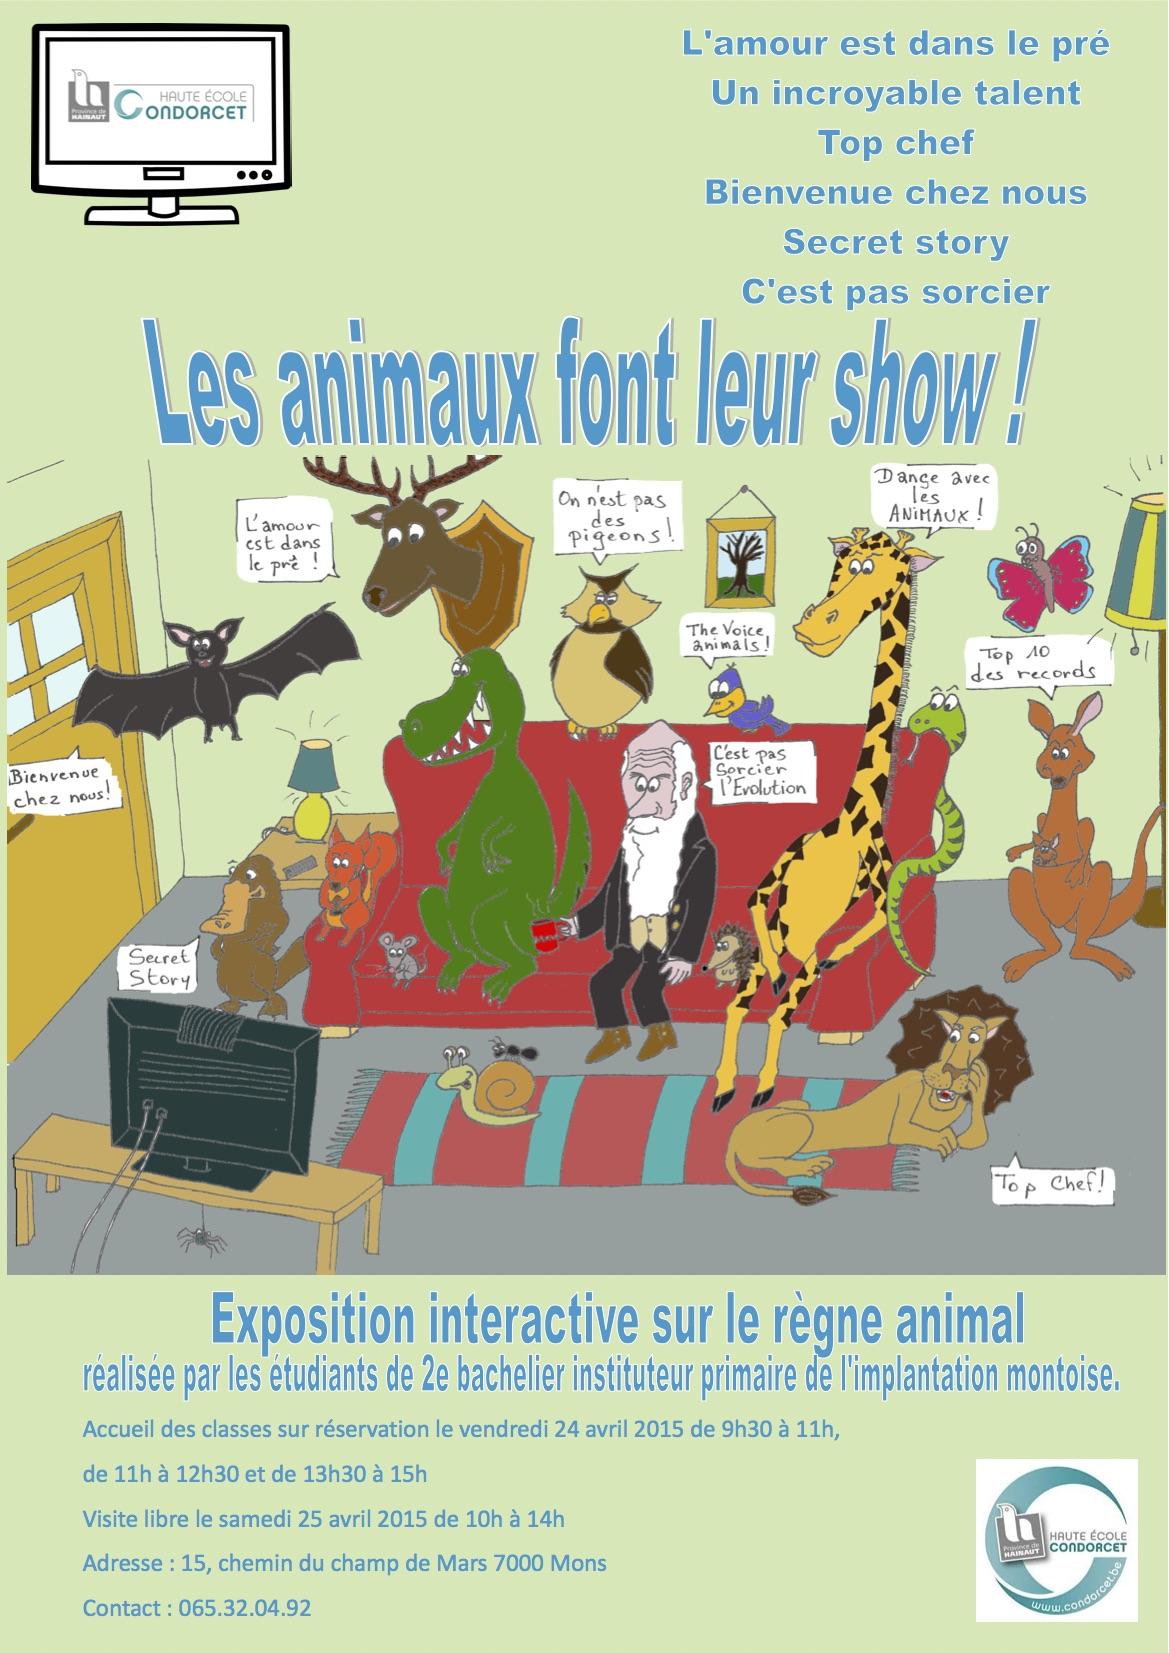 Actualit s haute ecole provinciale de hainaut condorcet - Les animaux font leur show ...